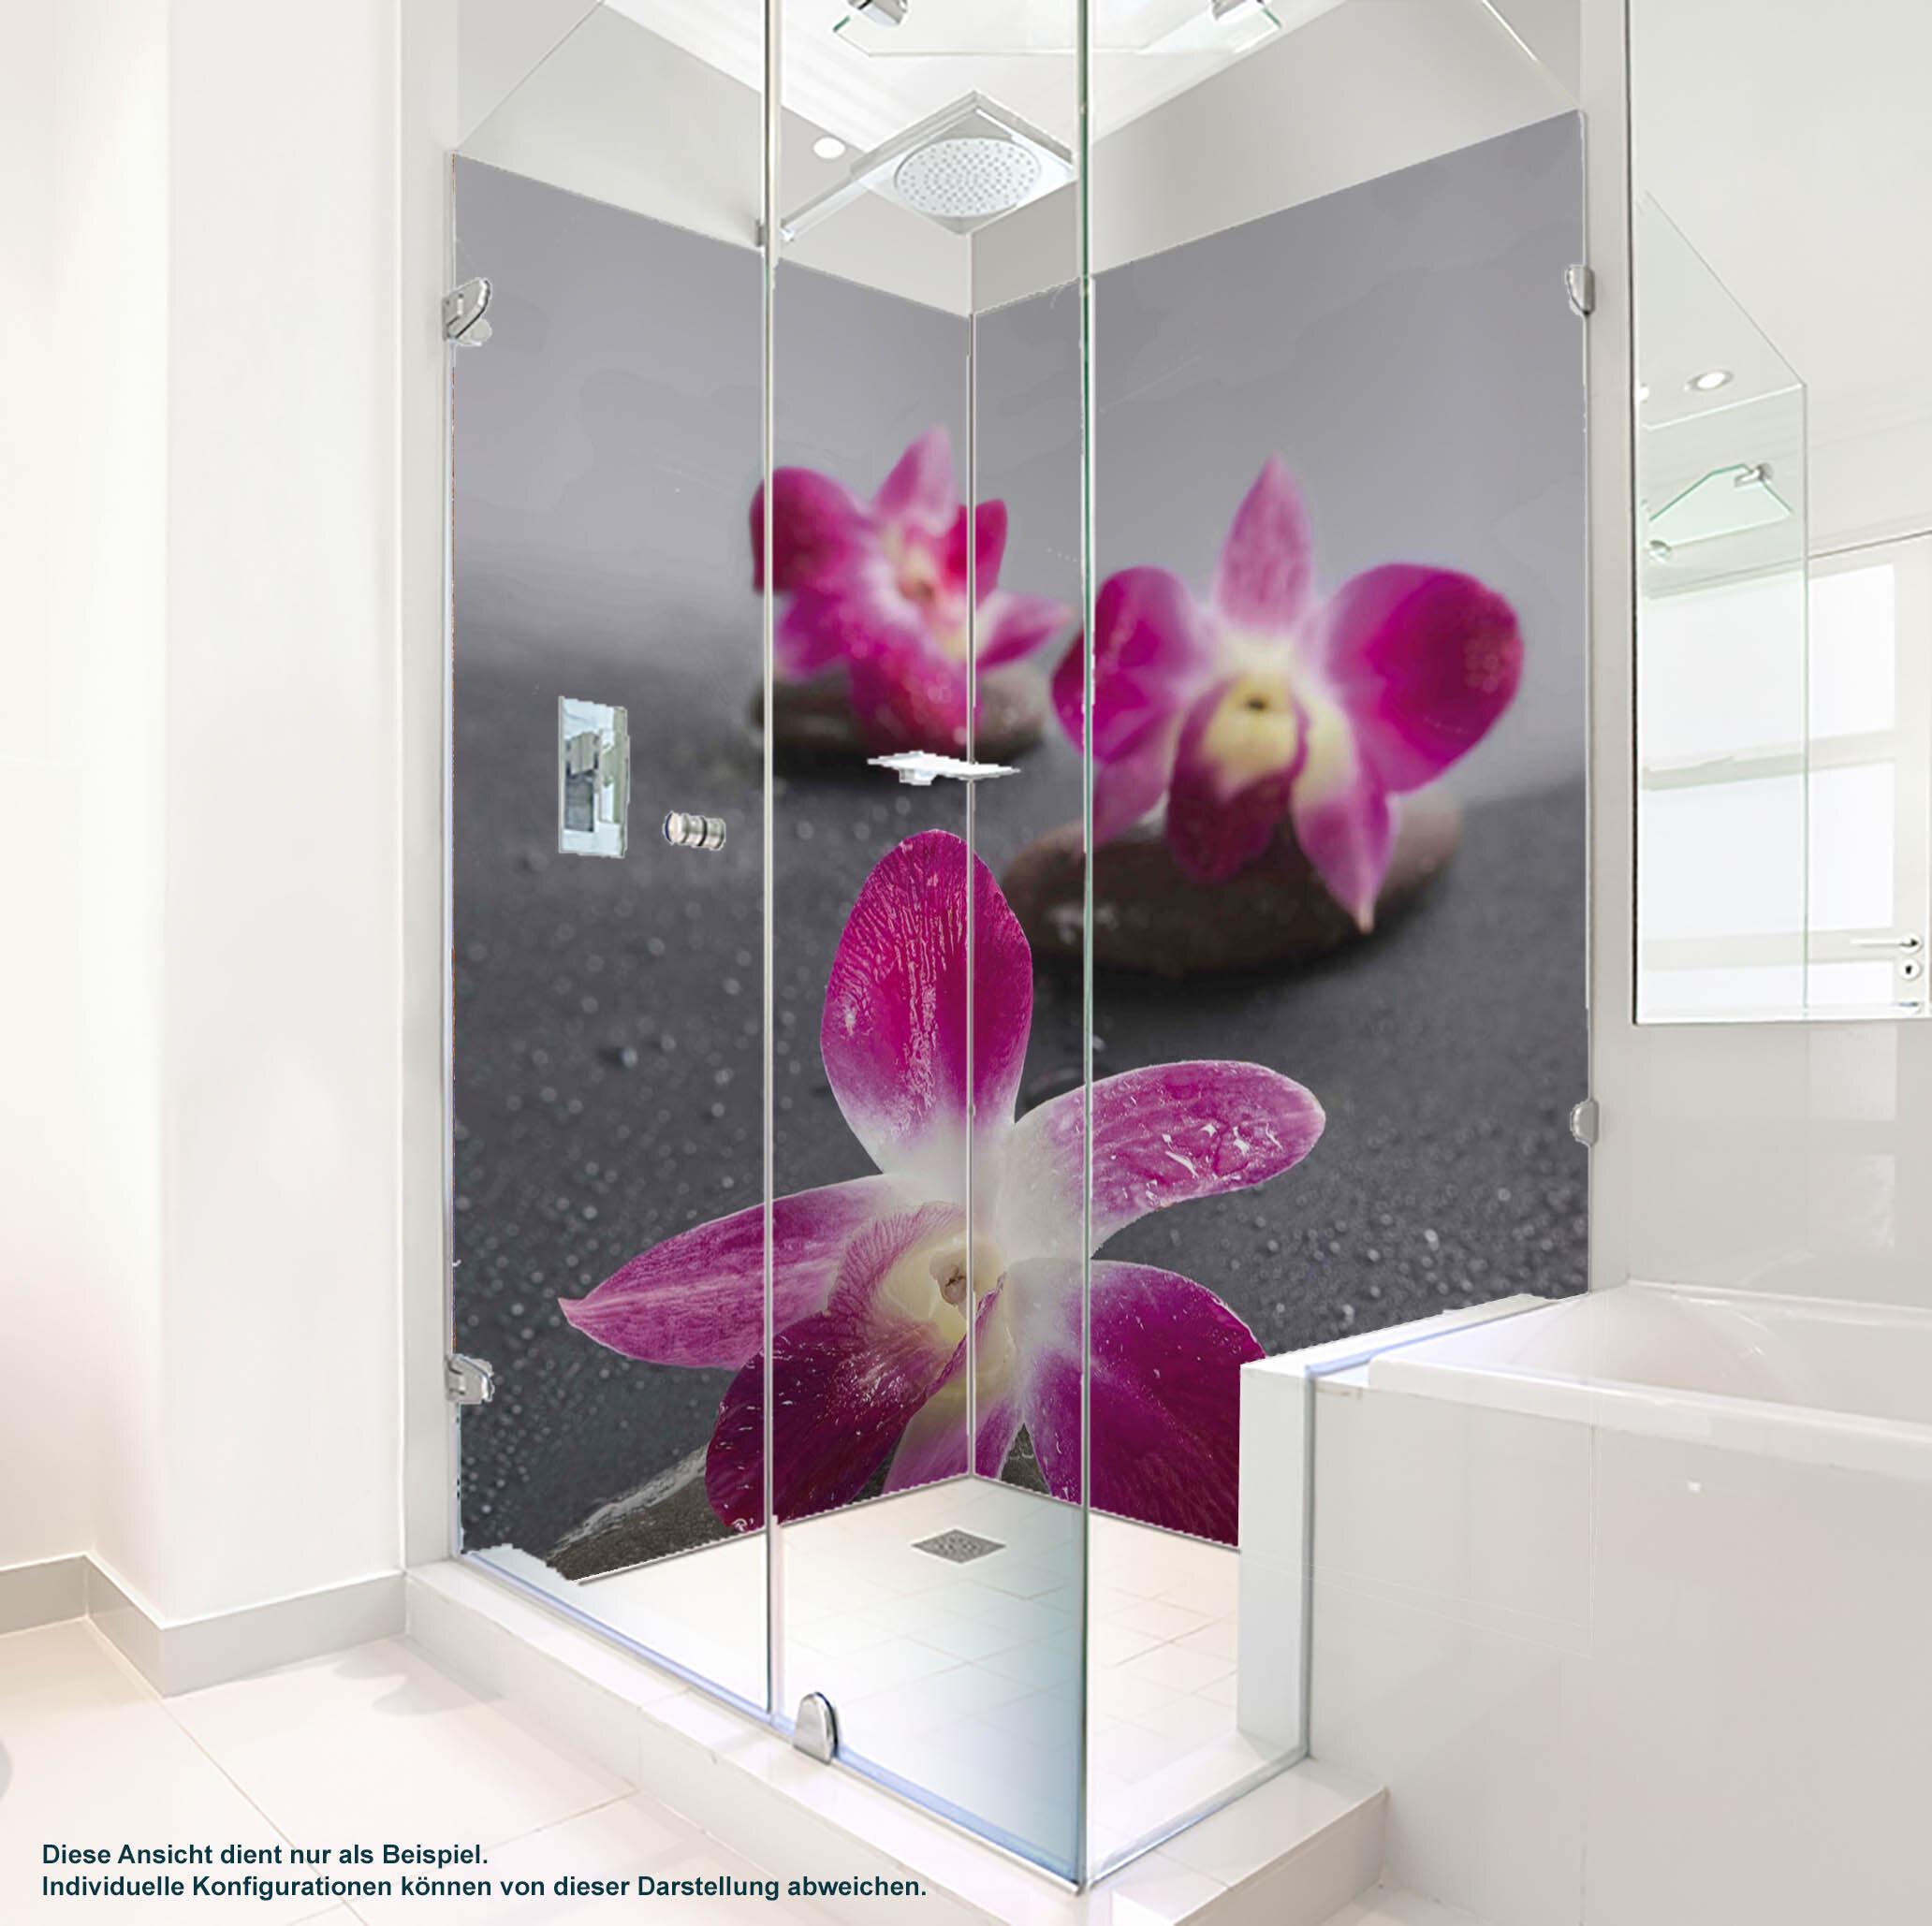 Dusche PlateART Duschrückwand mit Motiv Wellness ZEN Orchidee